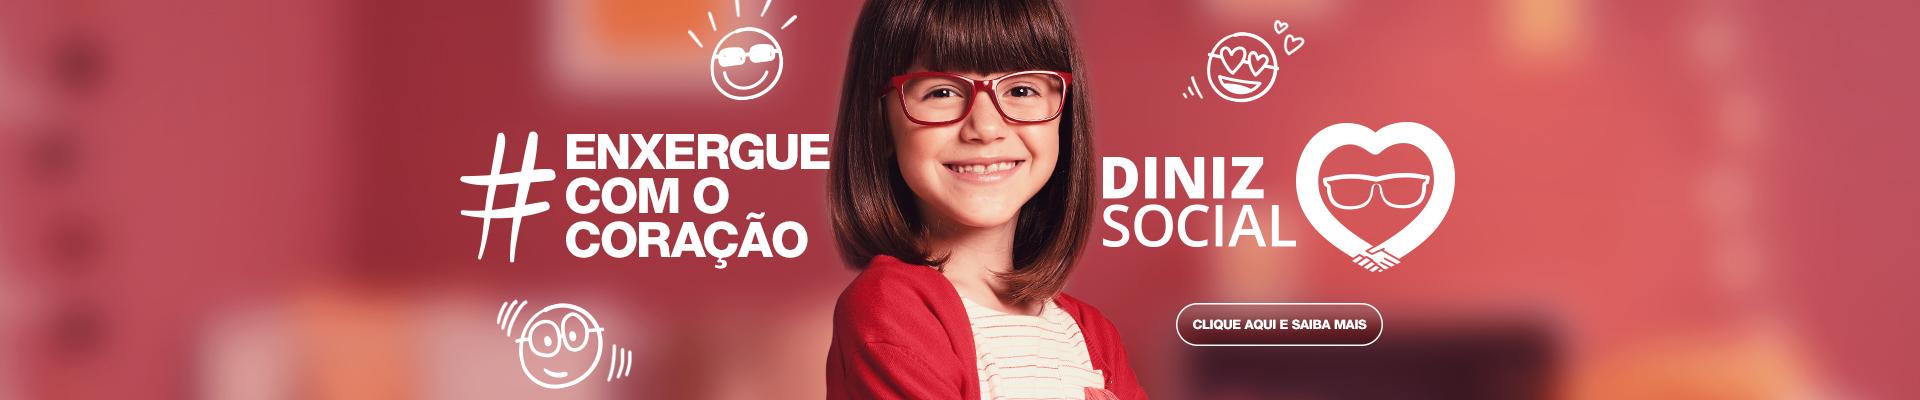 Banner Full Diniz Social